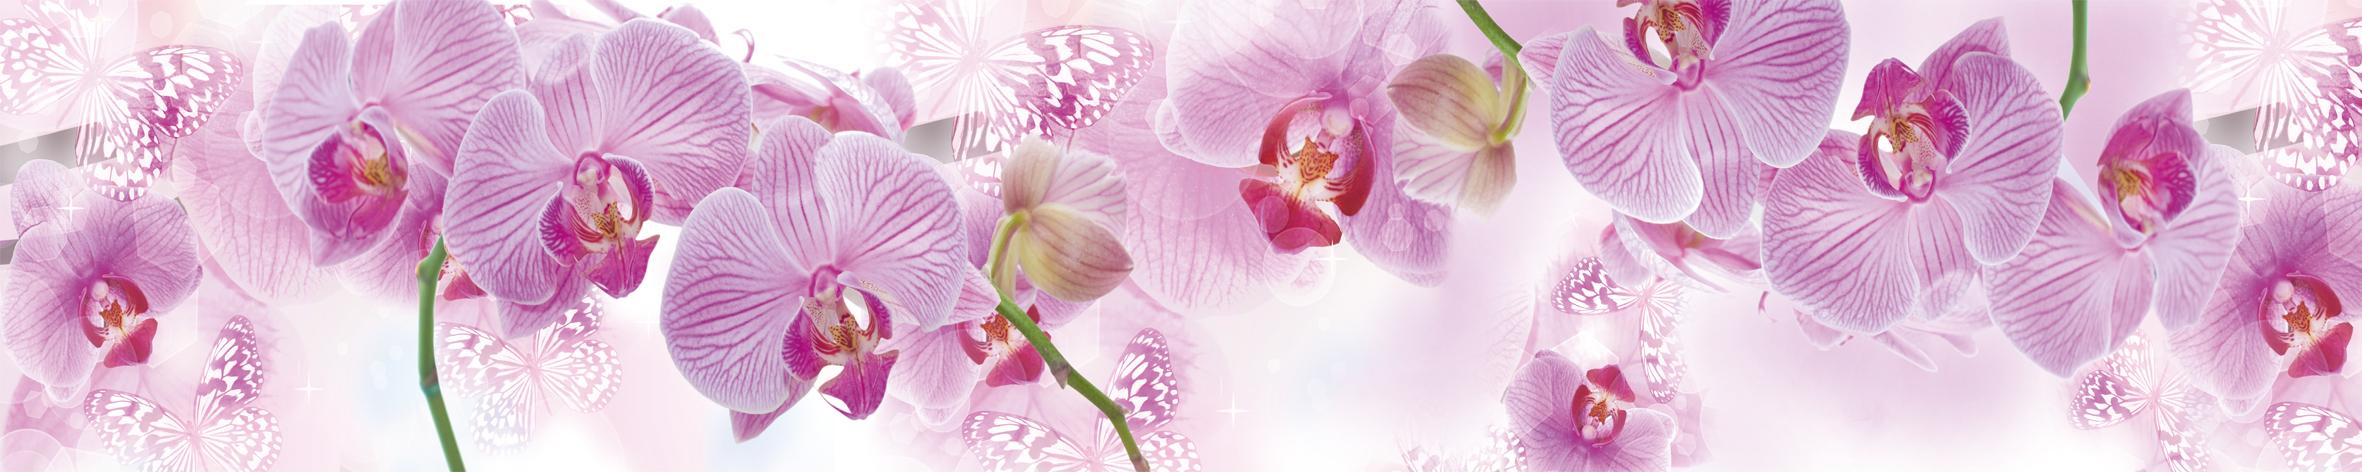 Скинали с орхидеями